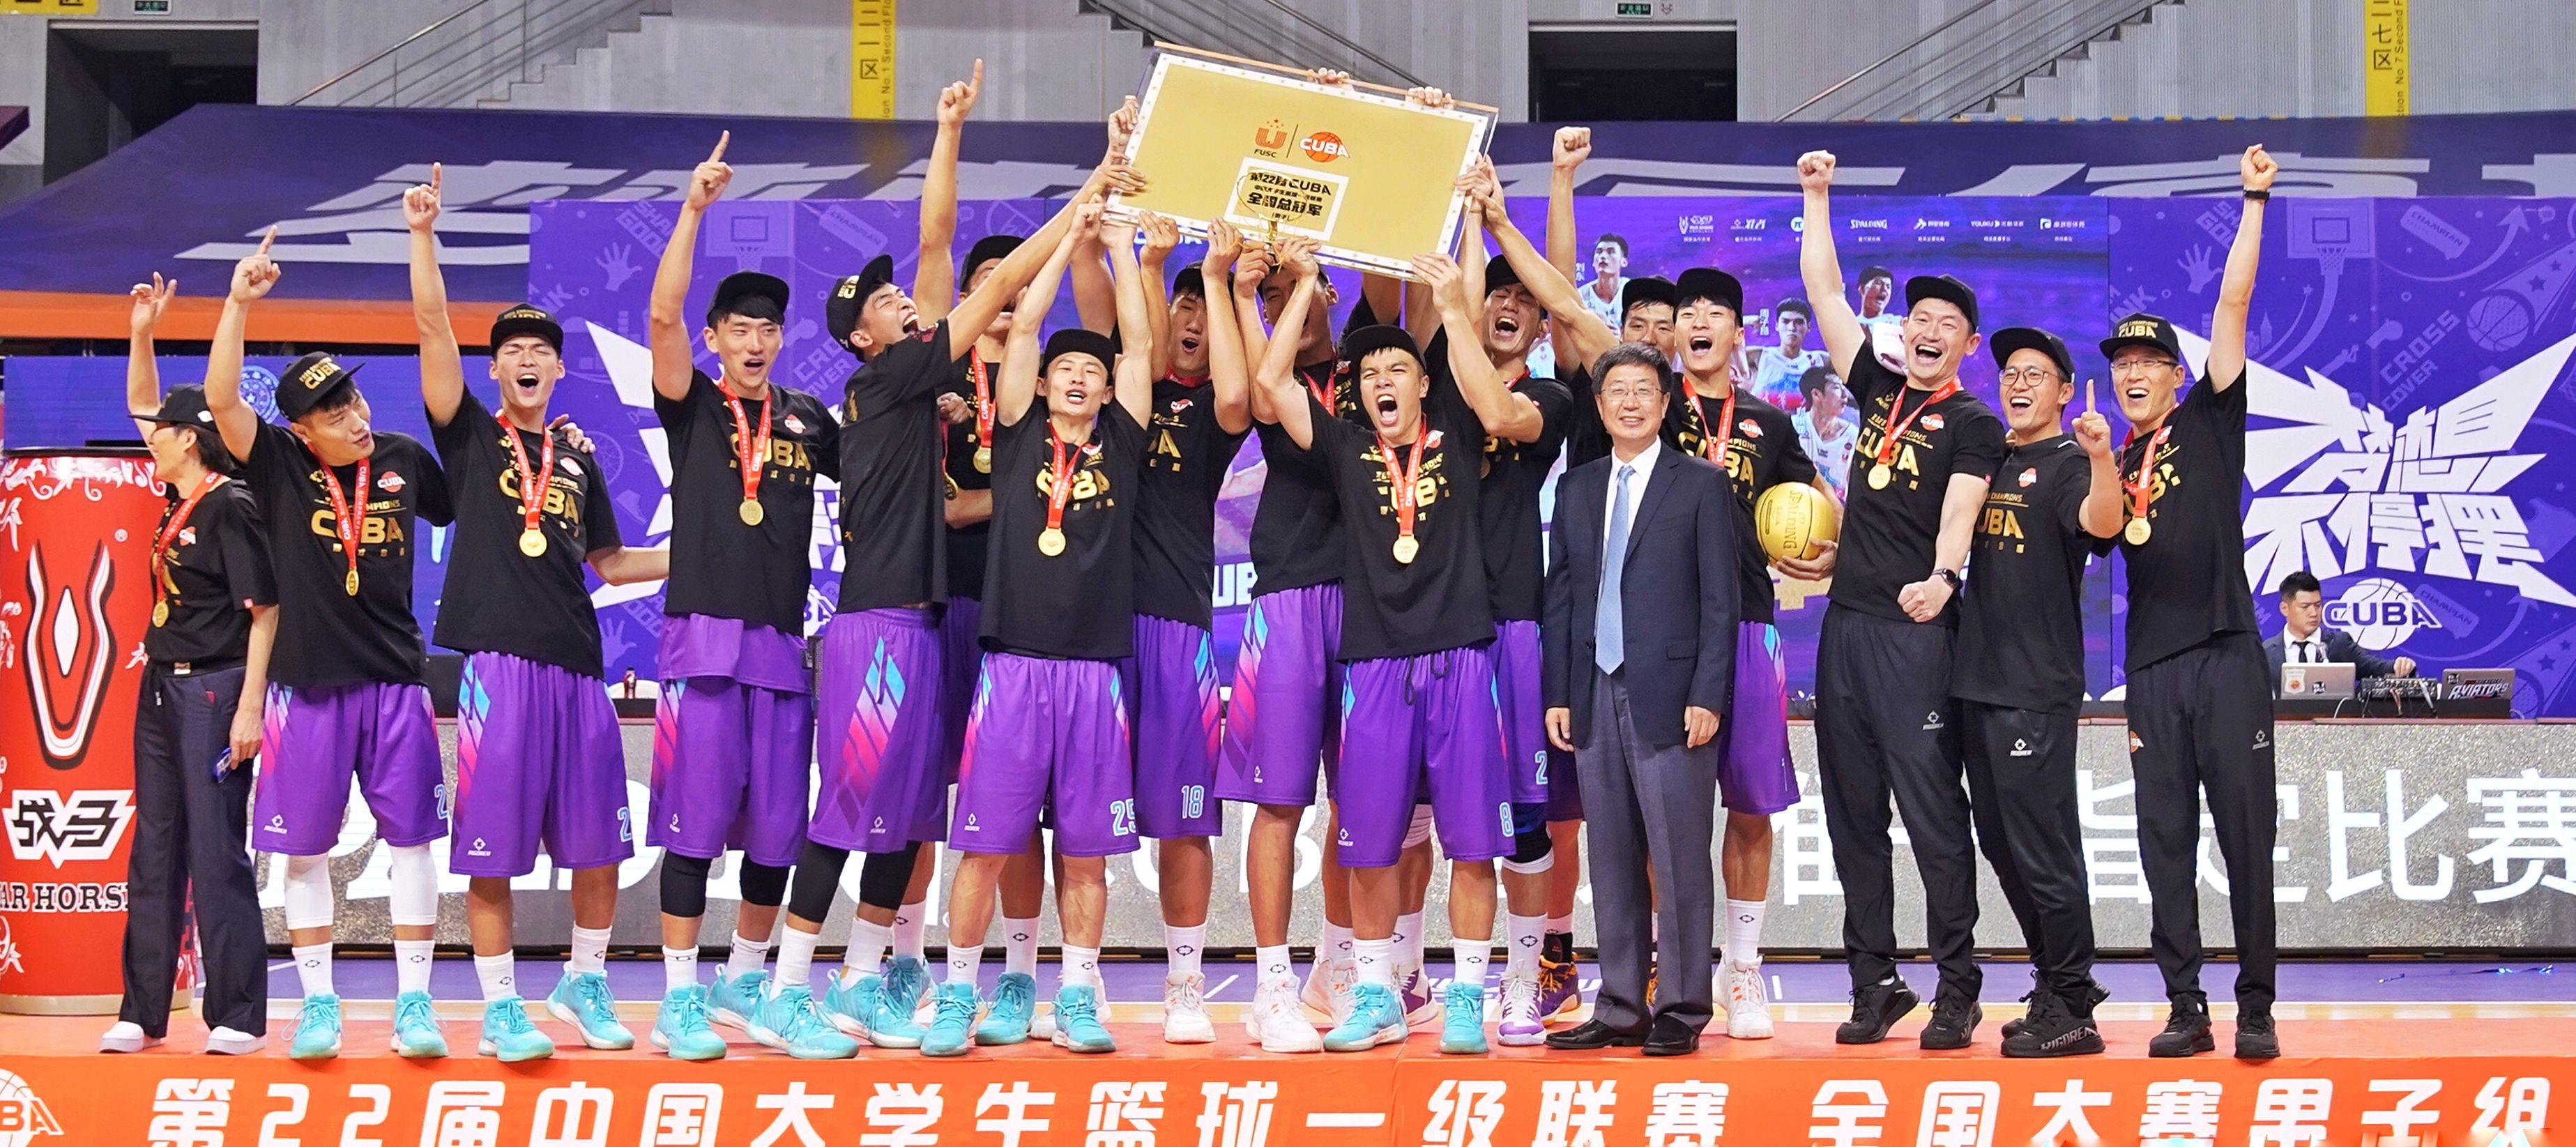 新华社丨CUBA总决赛:清华大学夺冠